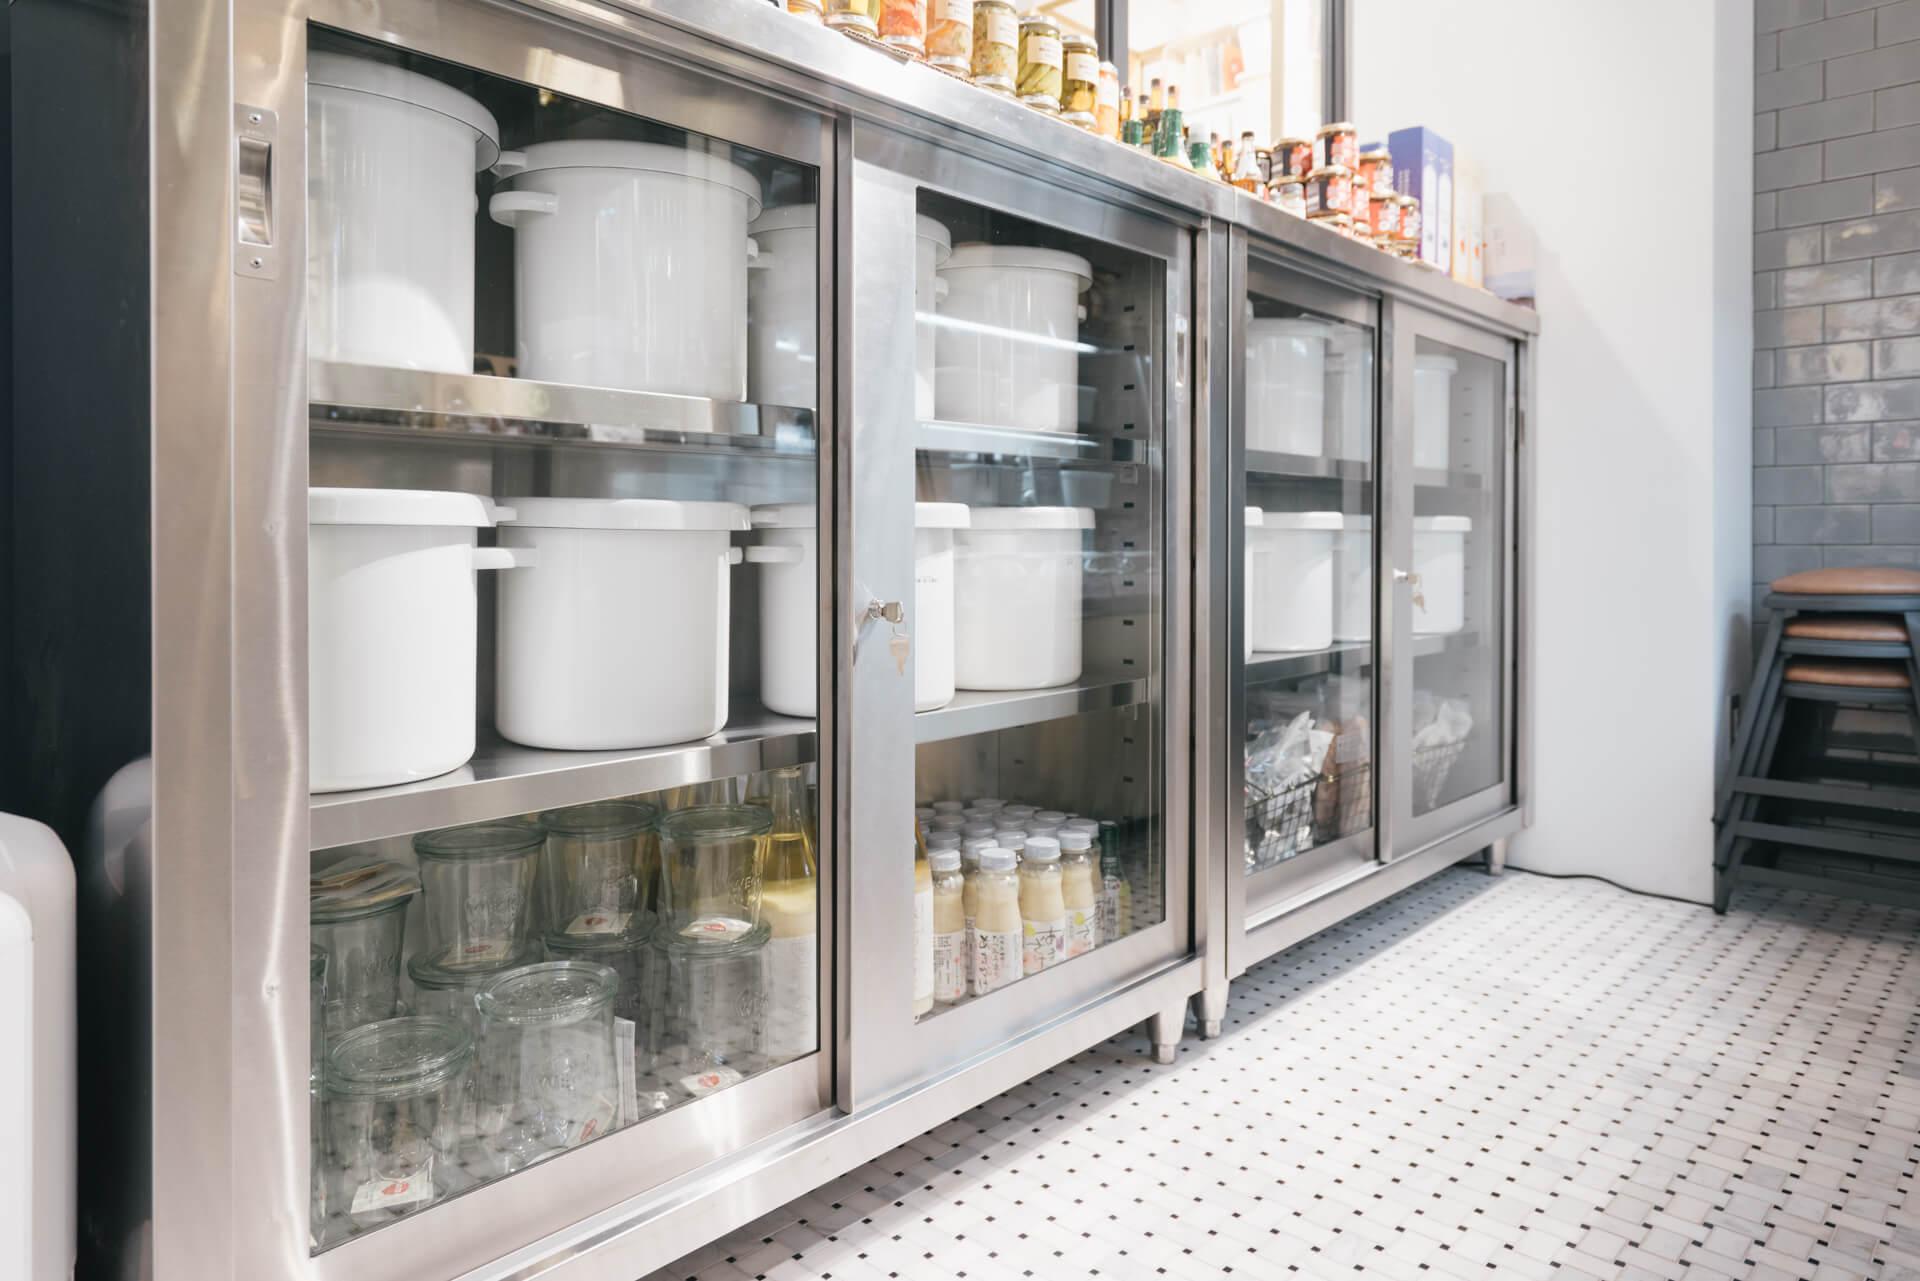 年間を通して温度管理された空間で、お客様オリジナルのぬか床を預かる「マイぬか床サービス」を提供しています。